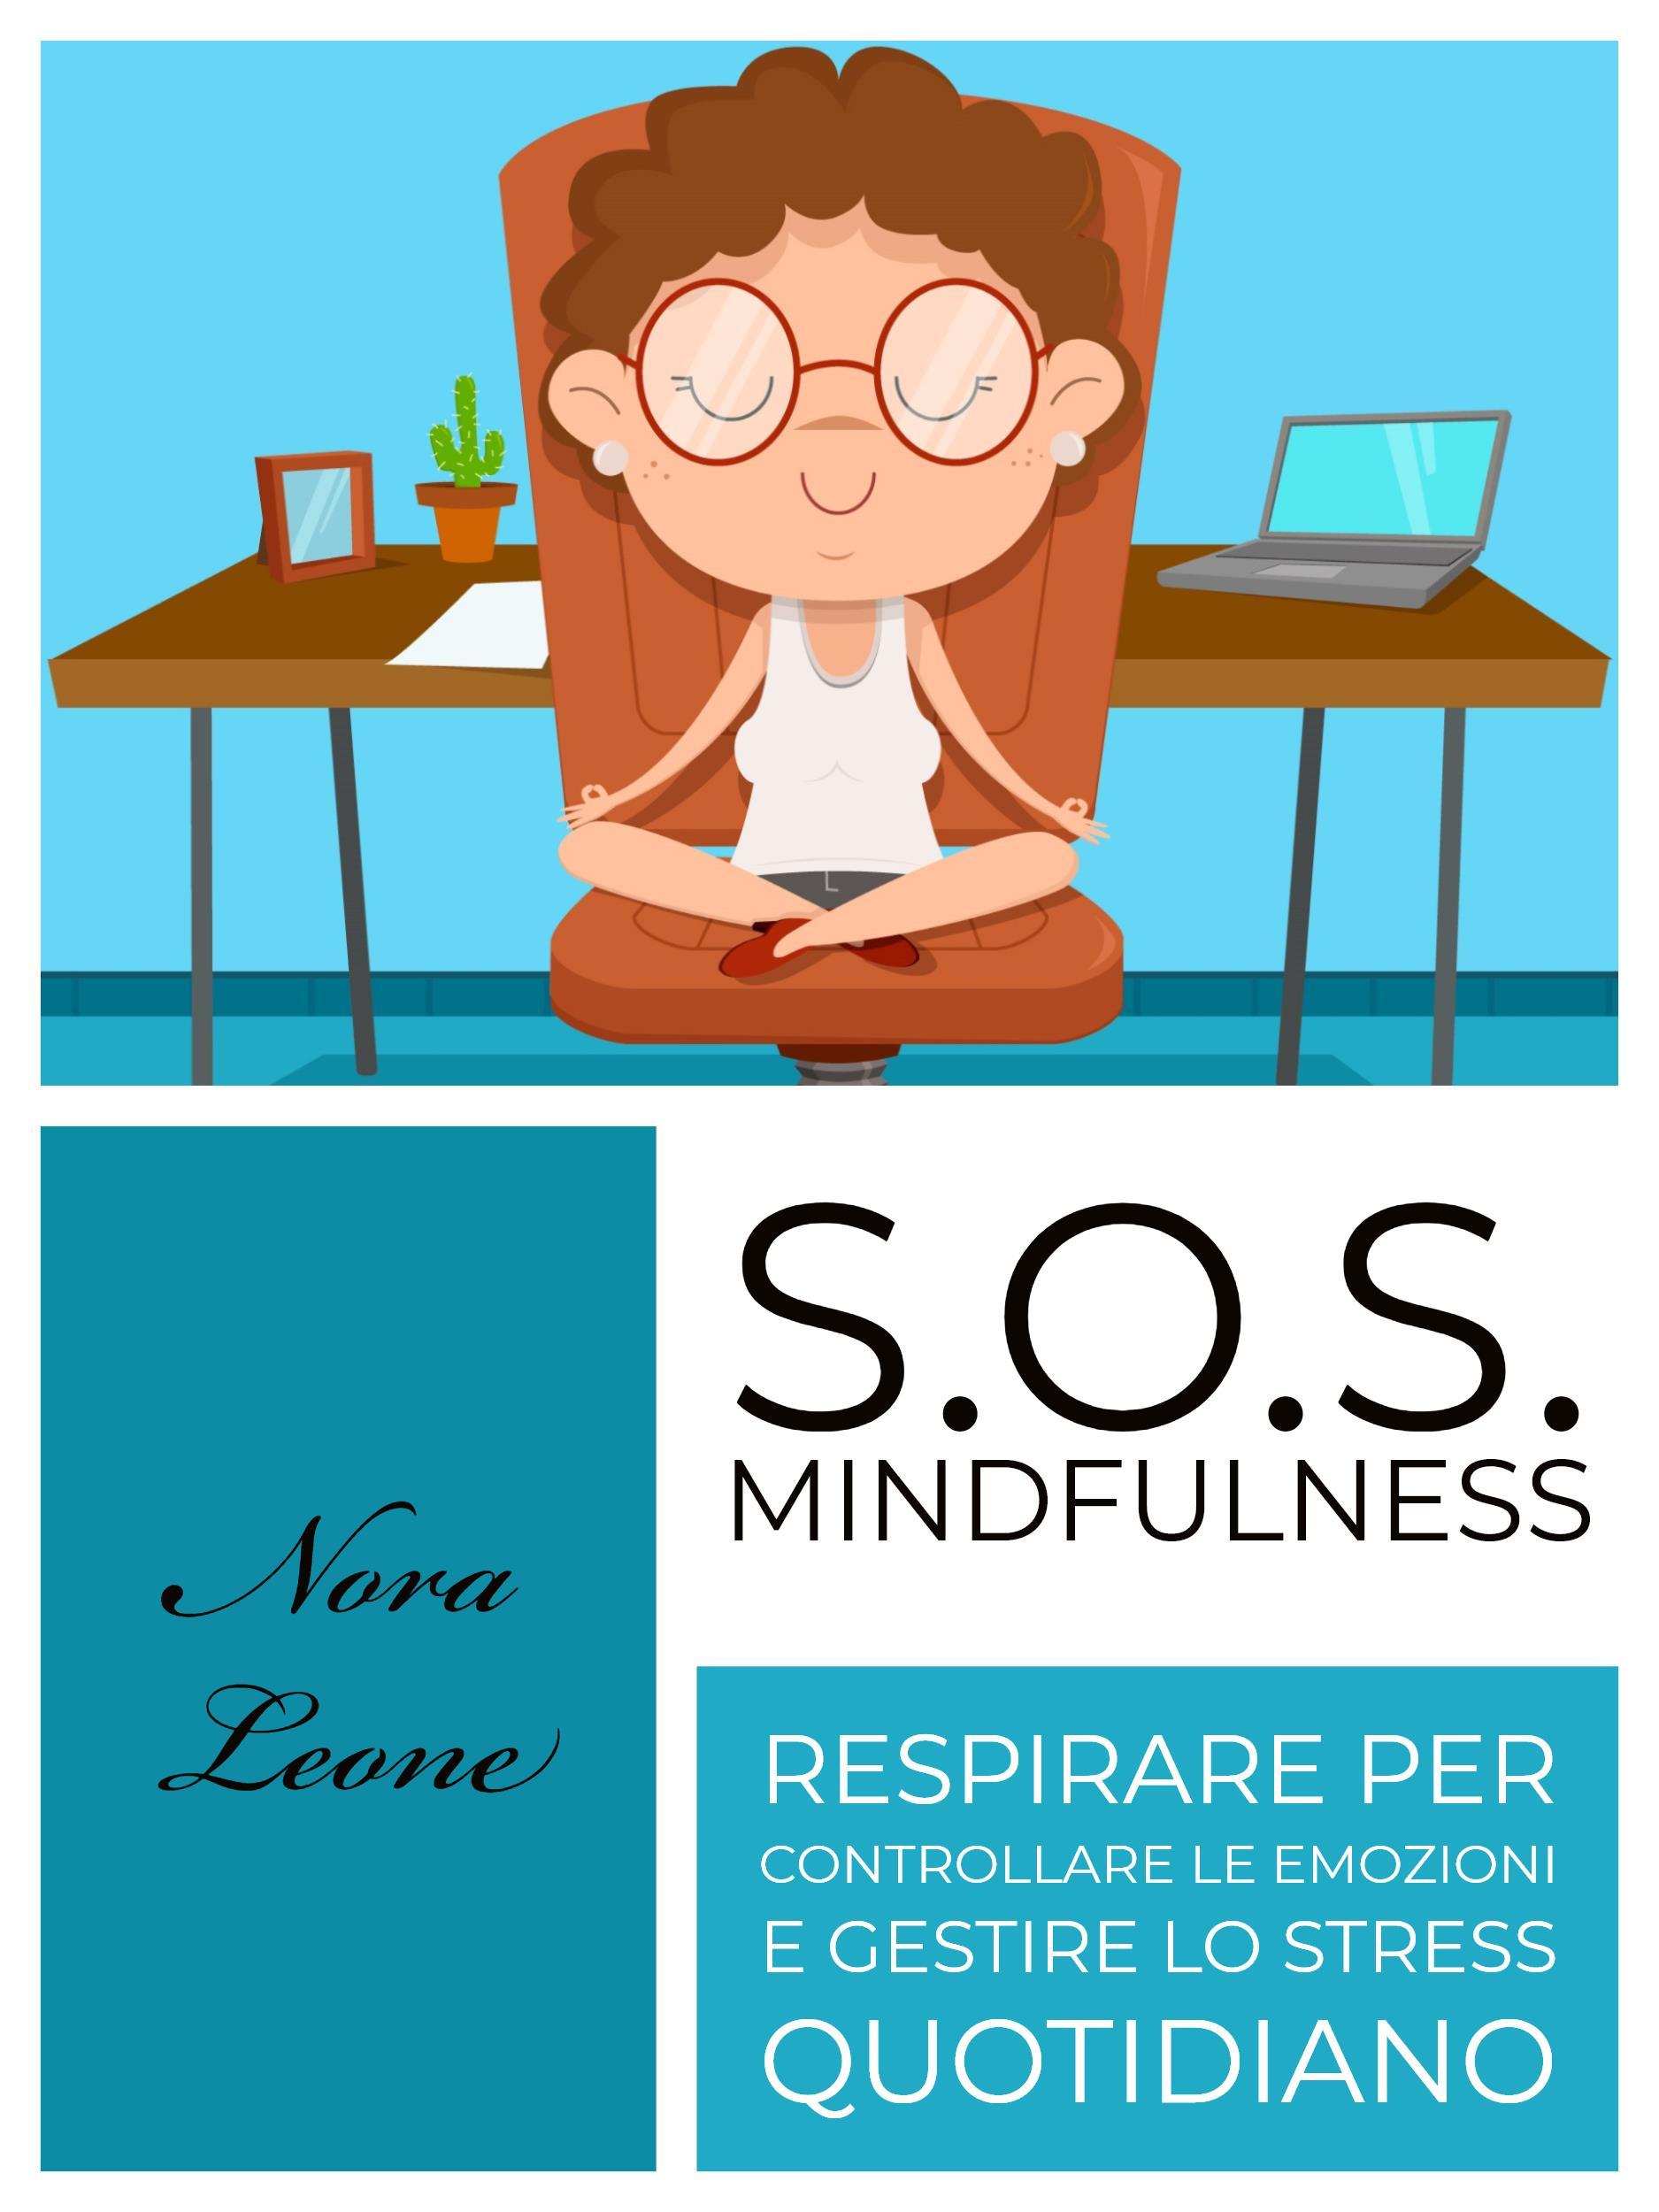 S.O.S. Mindfulness: Respirare per controllare le emozioni e gestire lo stress quotidiano